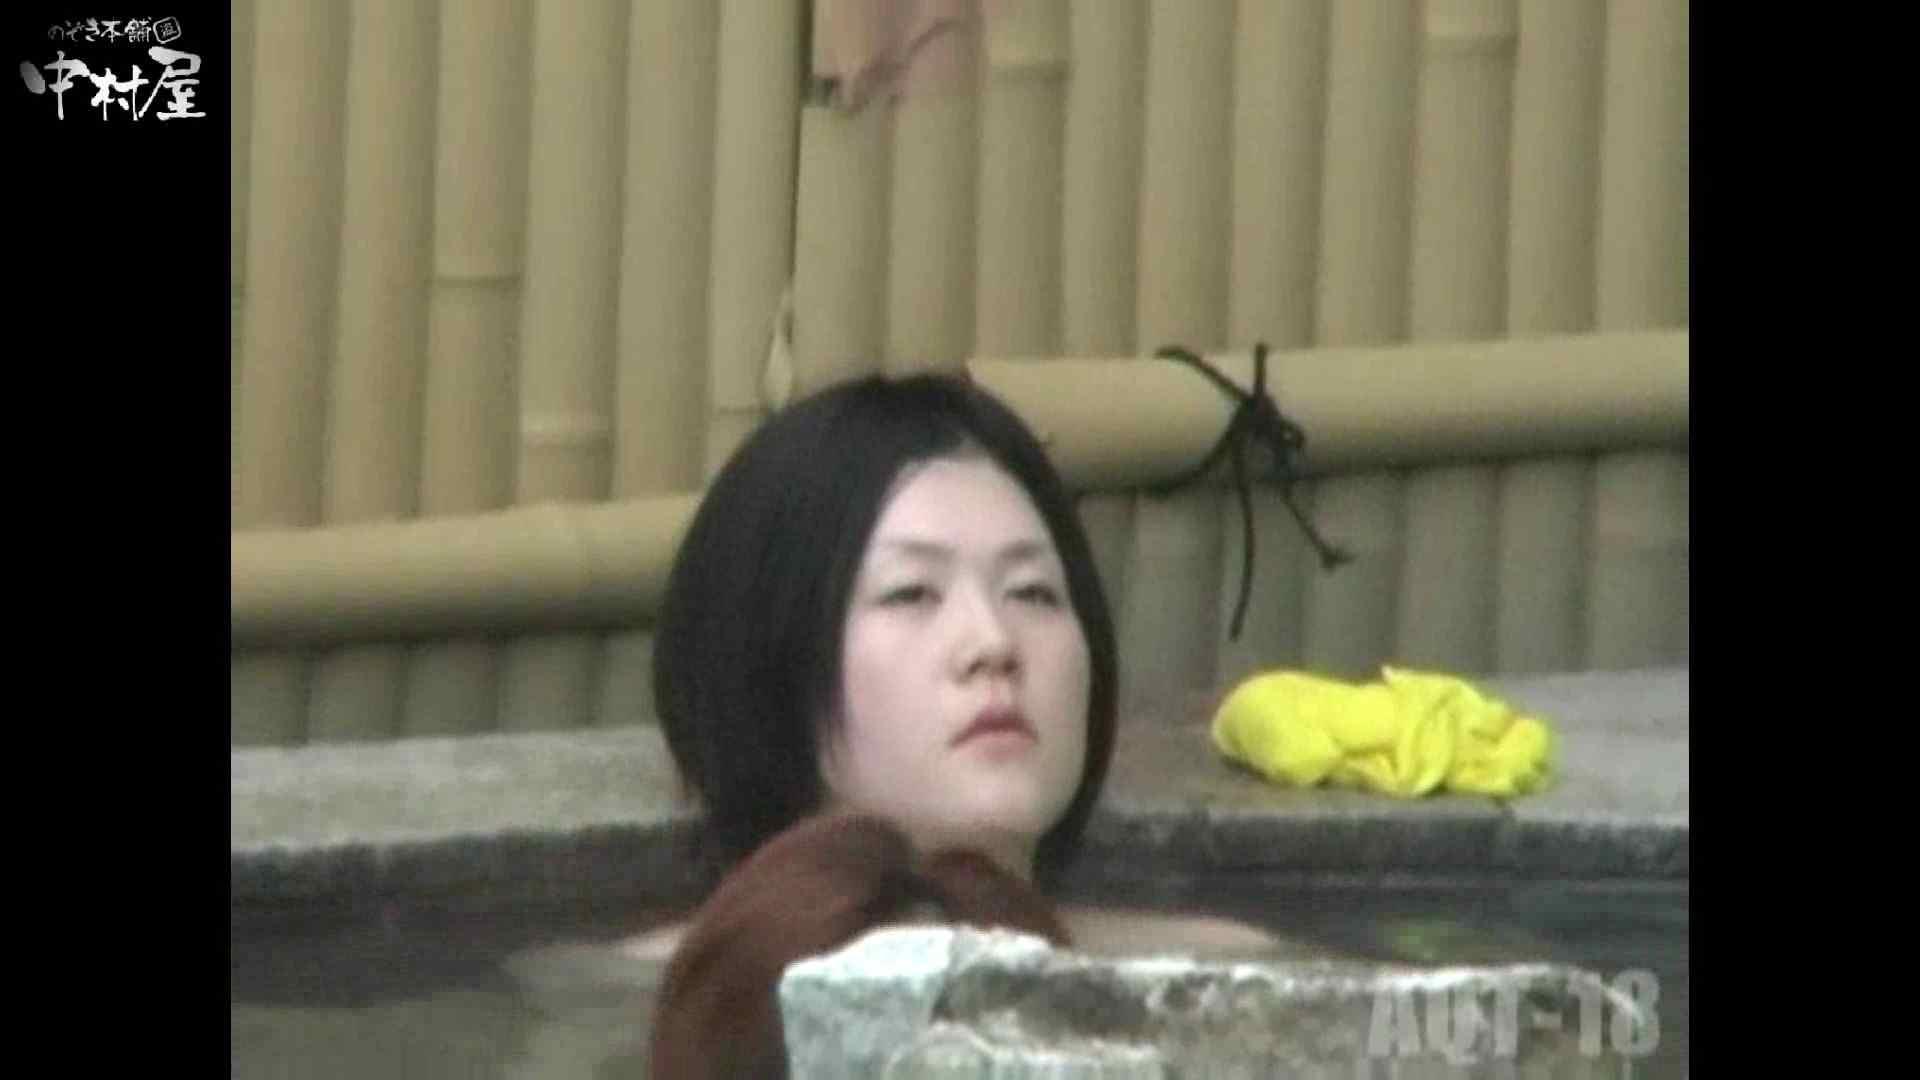 Aquaな露天風呂Vol.882潜入盗撮露天風呂十八判湯 其の五 盗撮映像  95Pix 9